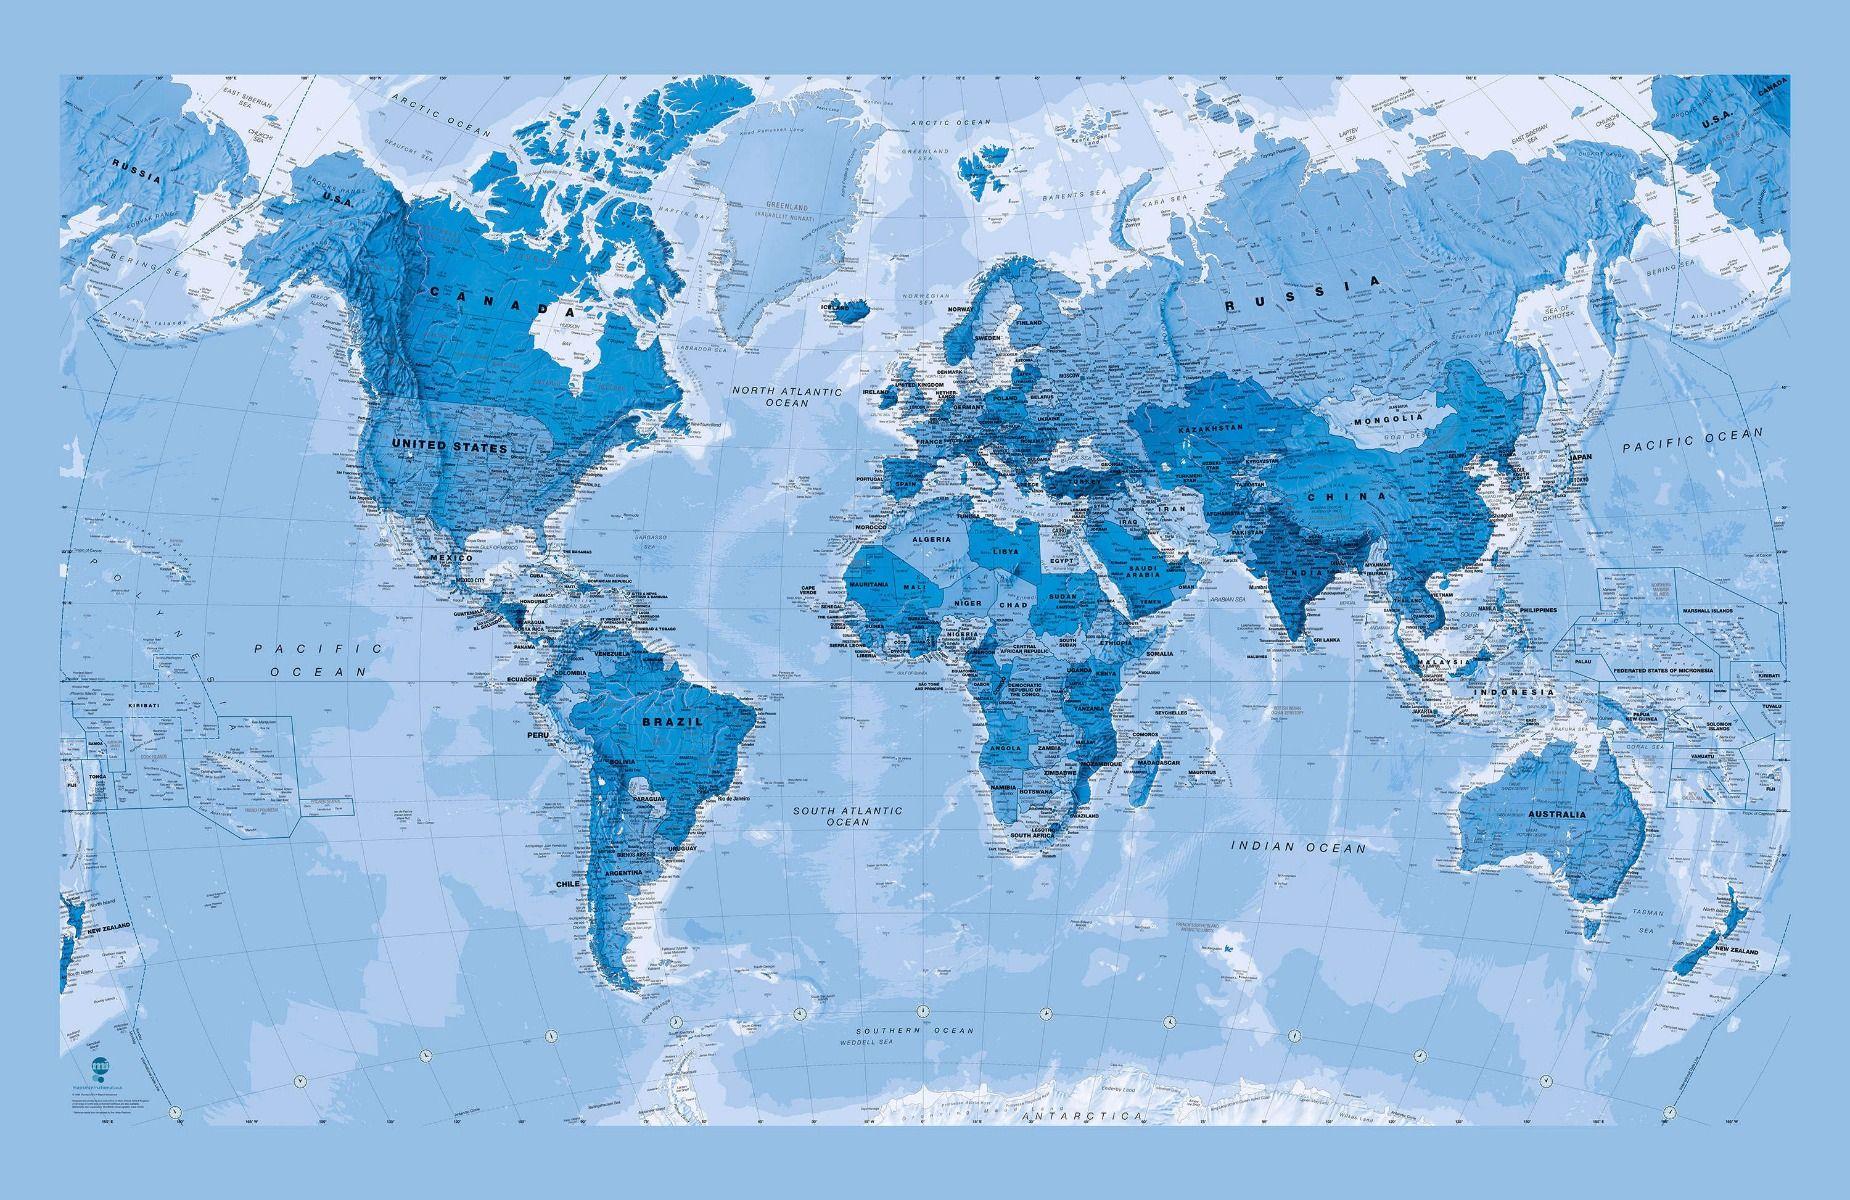 Blue World Map Wallpaper - World Map Wallpaper Blue , HD Wallpaper & Backgrounds